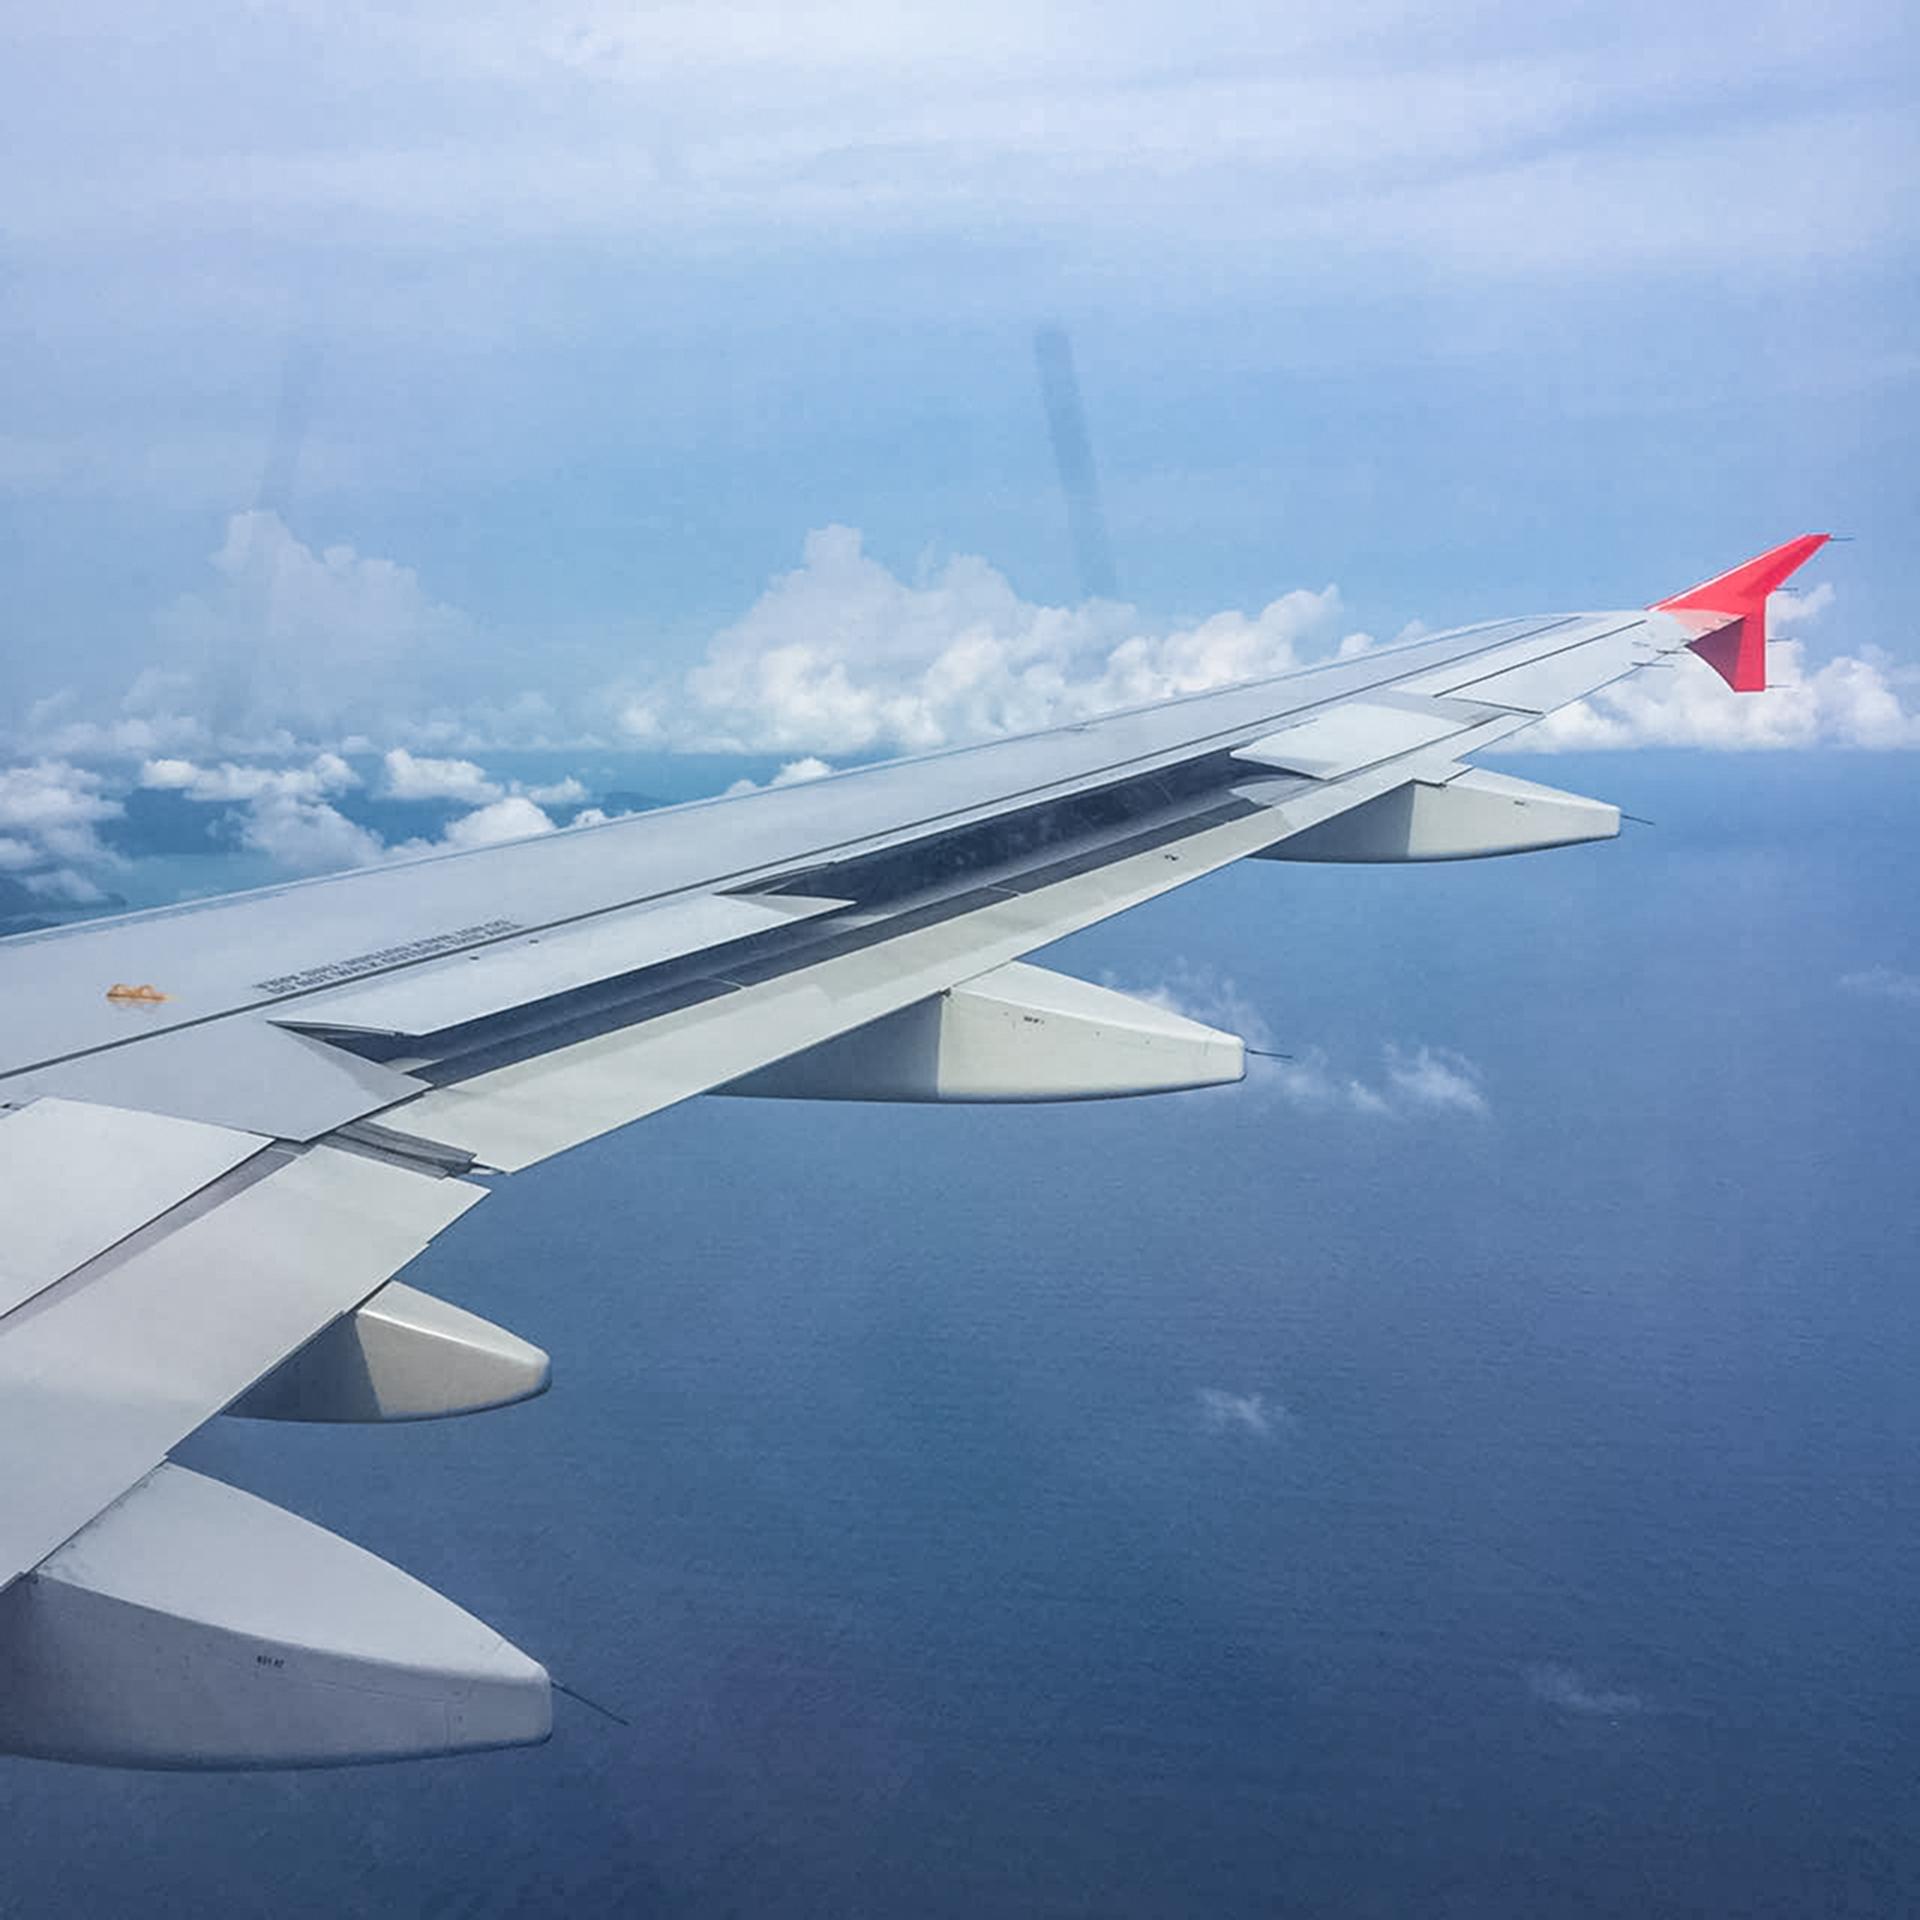 飞机上.jpg